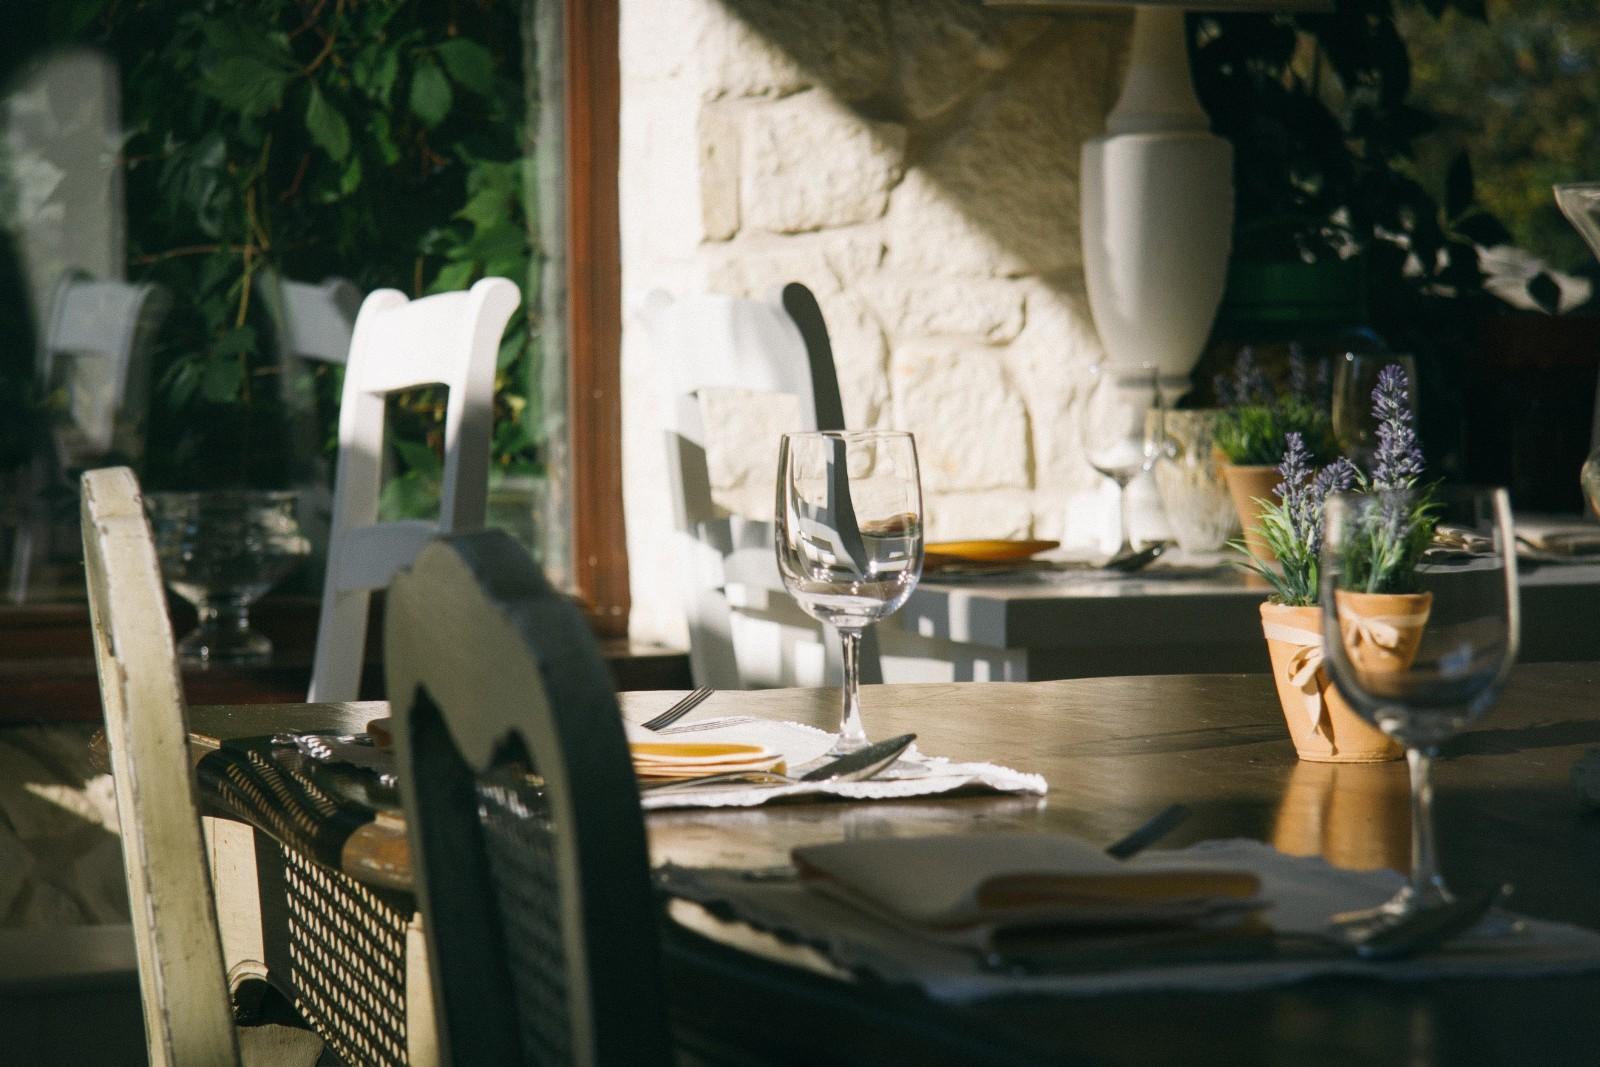 4 Speise- und Aufenthaltsräume, Frühstückbuffet, Salatbuffet, hausgemachte Spezialitäten